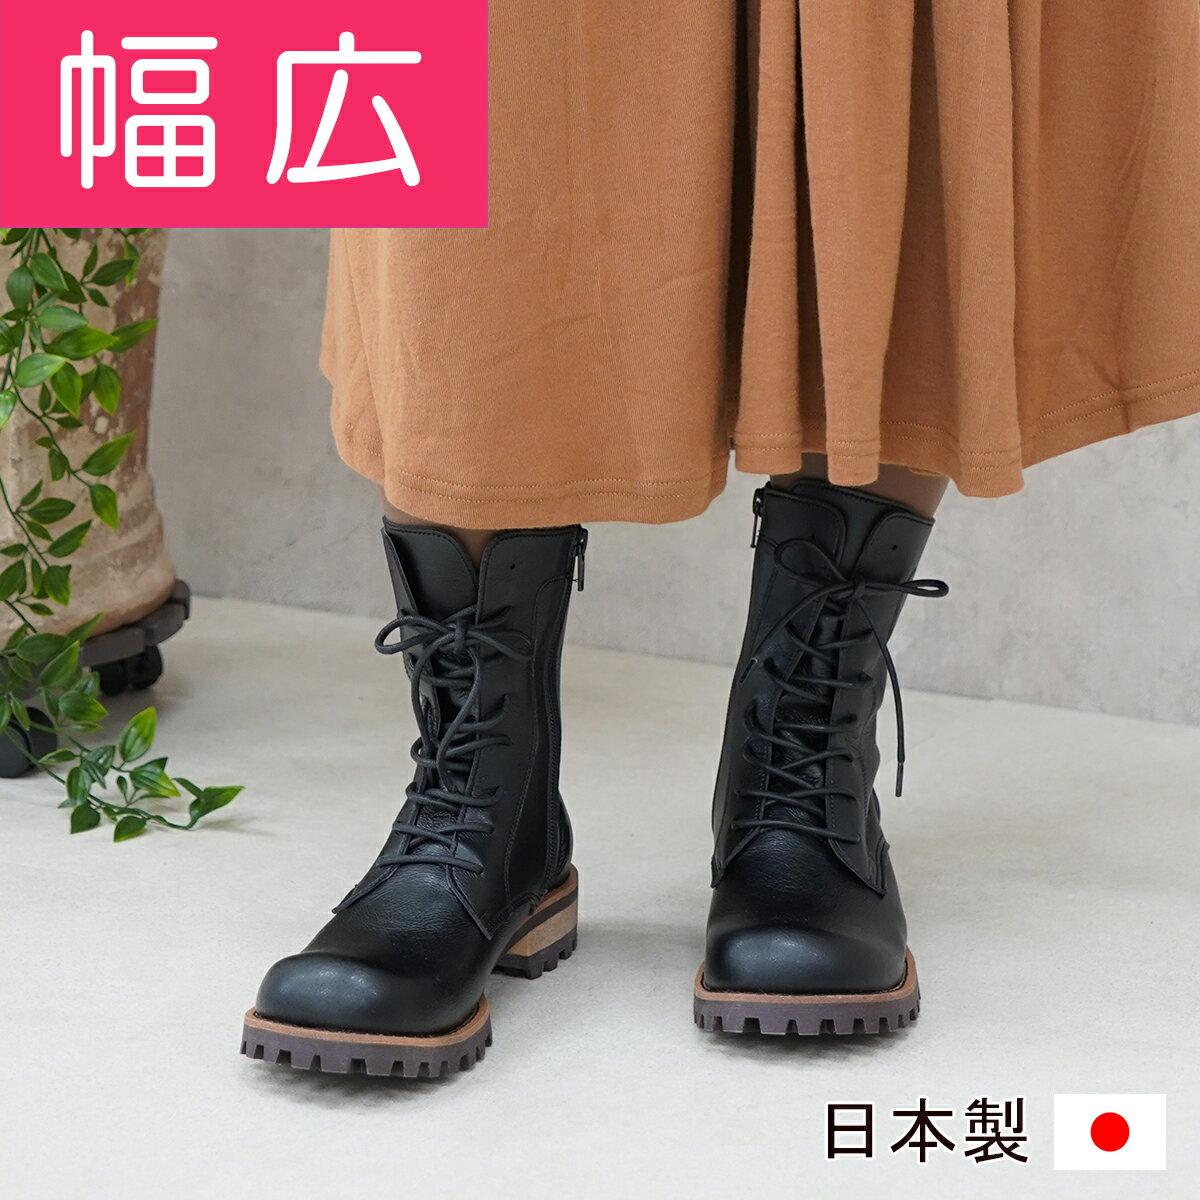 【幅広特注】編み上げショートブーツ【おでこタイプ】★B2330 ベルオリジナル冷えとり 外反母趾、幅広甲高の方に最適!ゆったりオーダーメイド靴がたった700円プラスするだけで